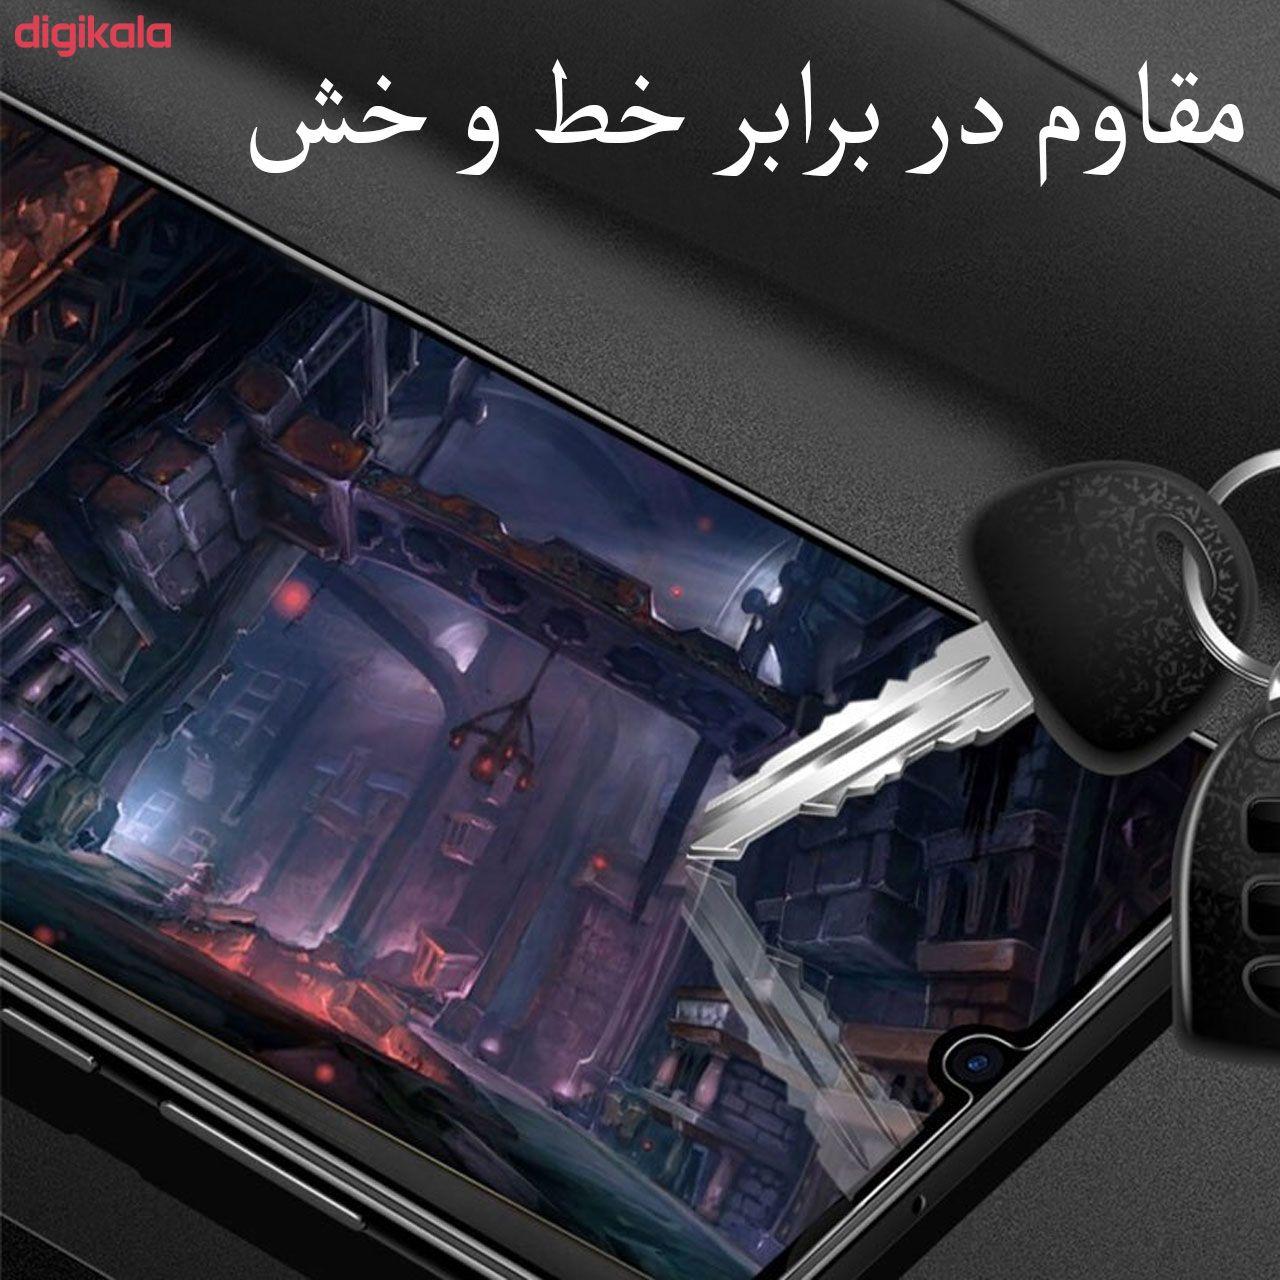 محافظ صفحه نمایش مدل FCG مناسب برای گوشی موبایل شیائومی Redmi 9 main 1 7